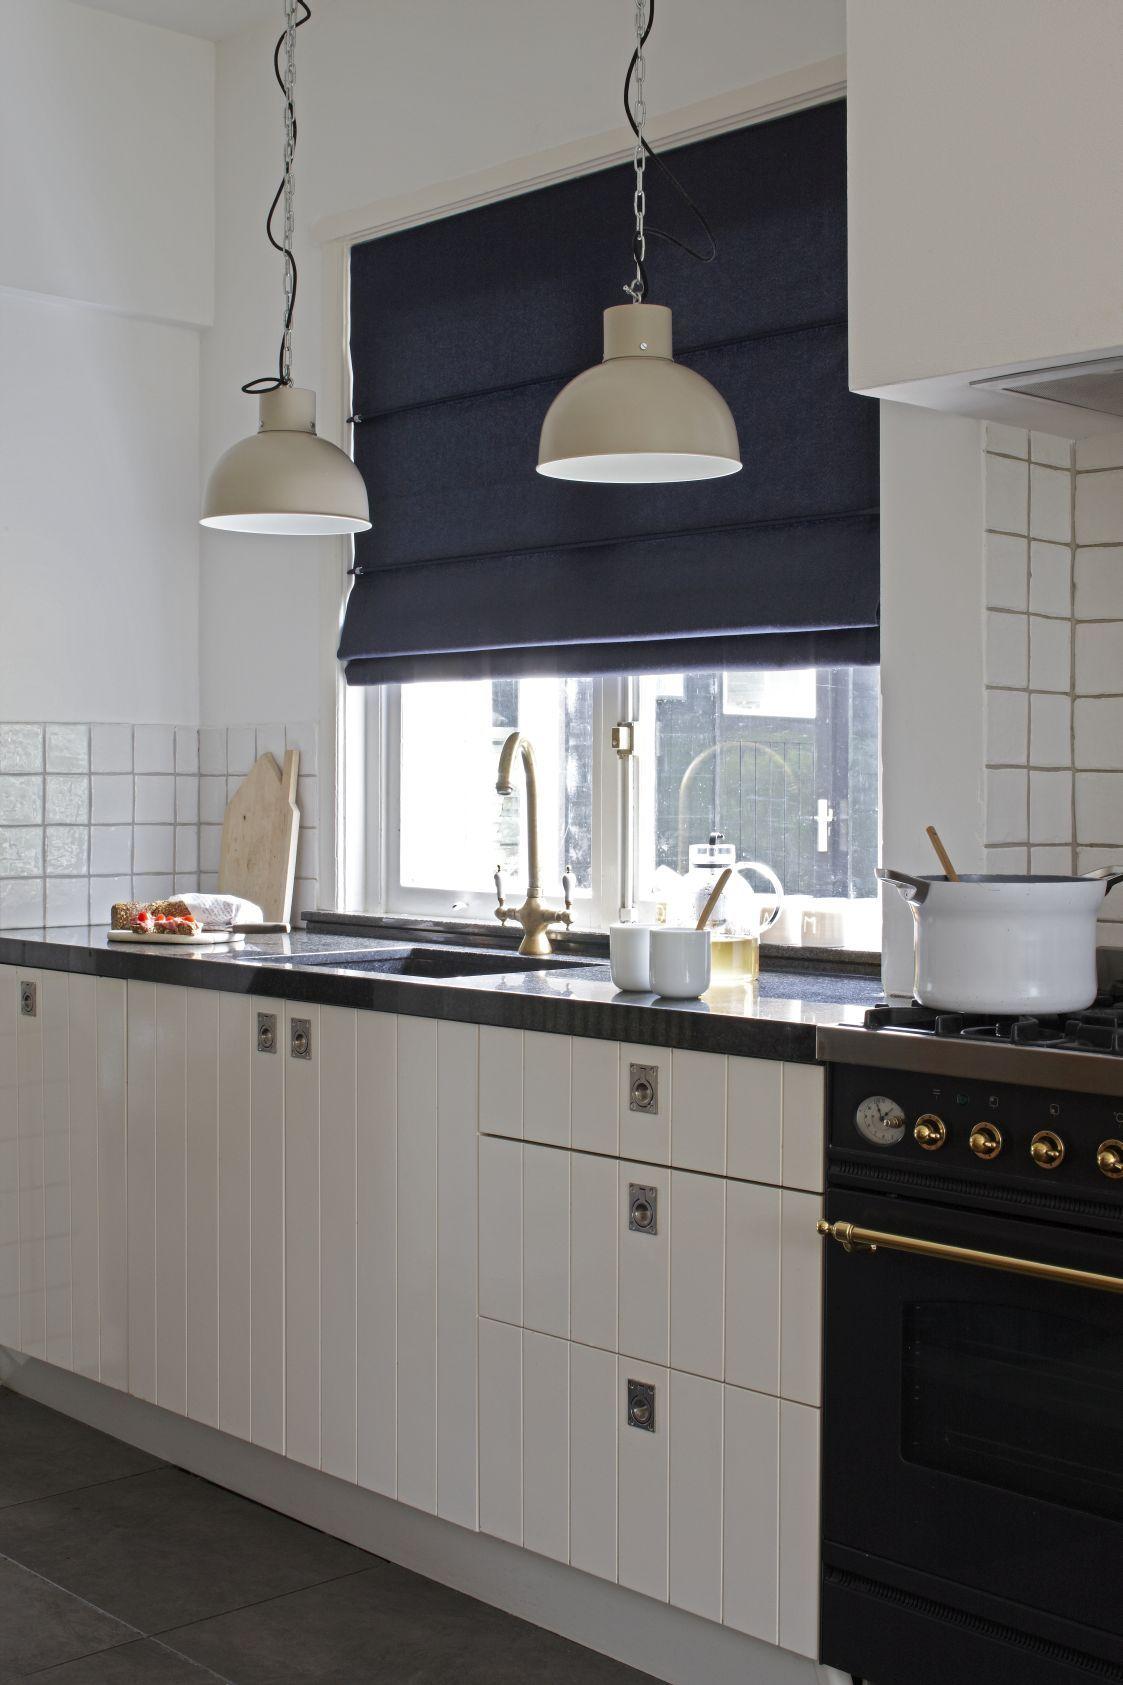 Kitchen window roman blinds  pin by brigitte van on gordijnen  pinterest  window and kitchens